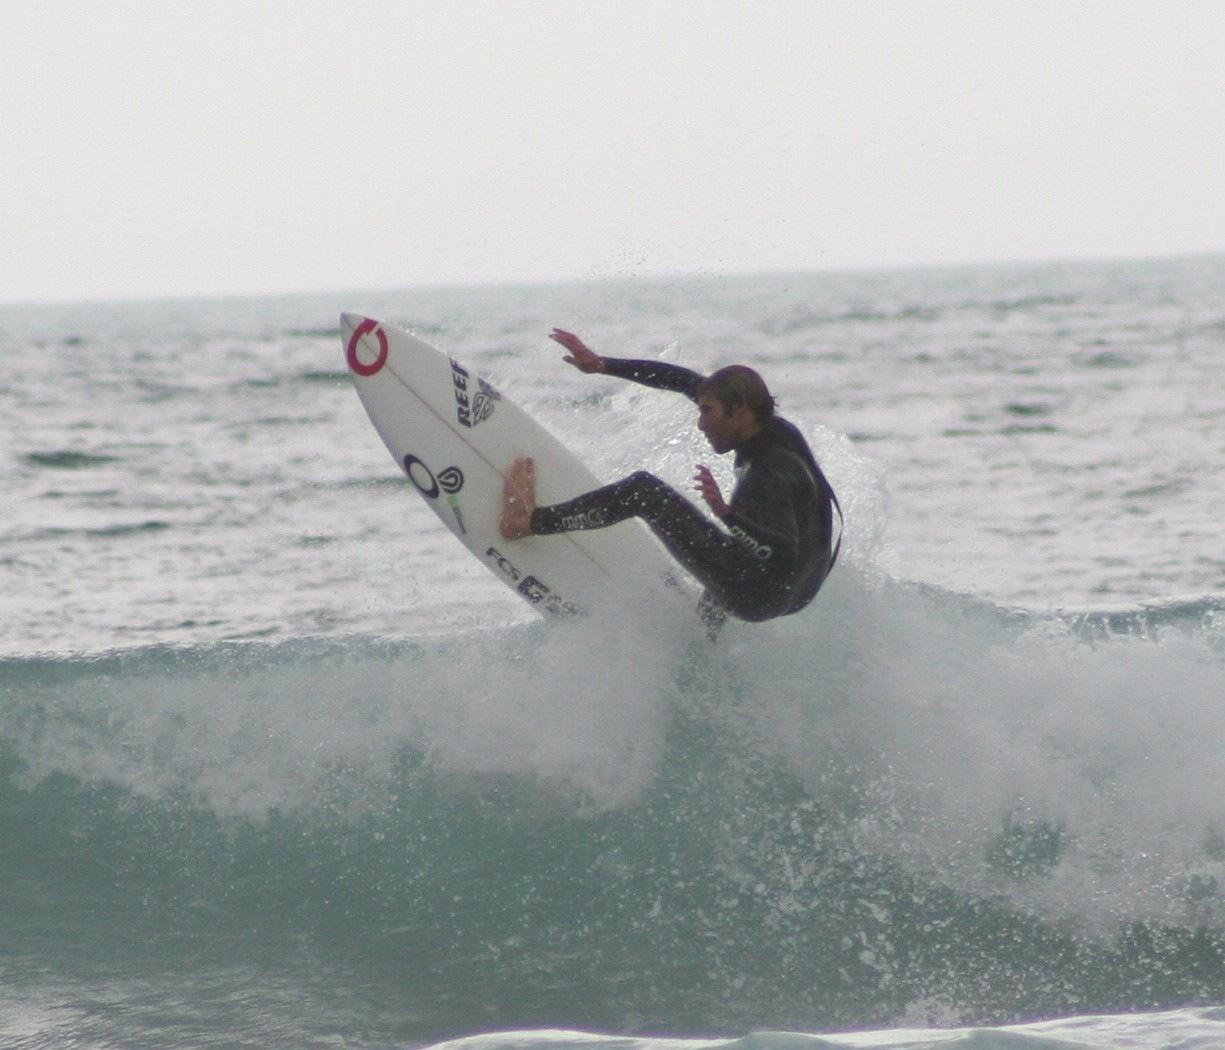 Surfer mid flight by Luigi Cappel